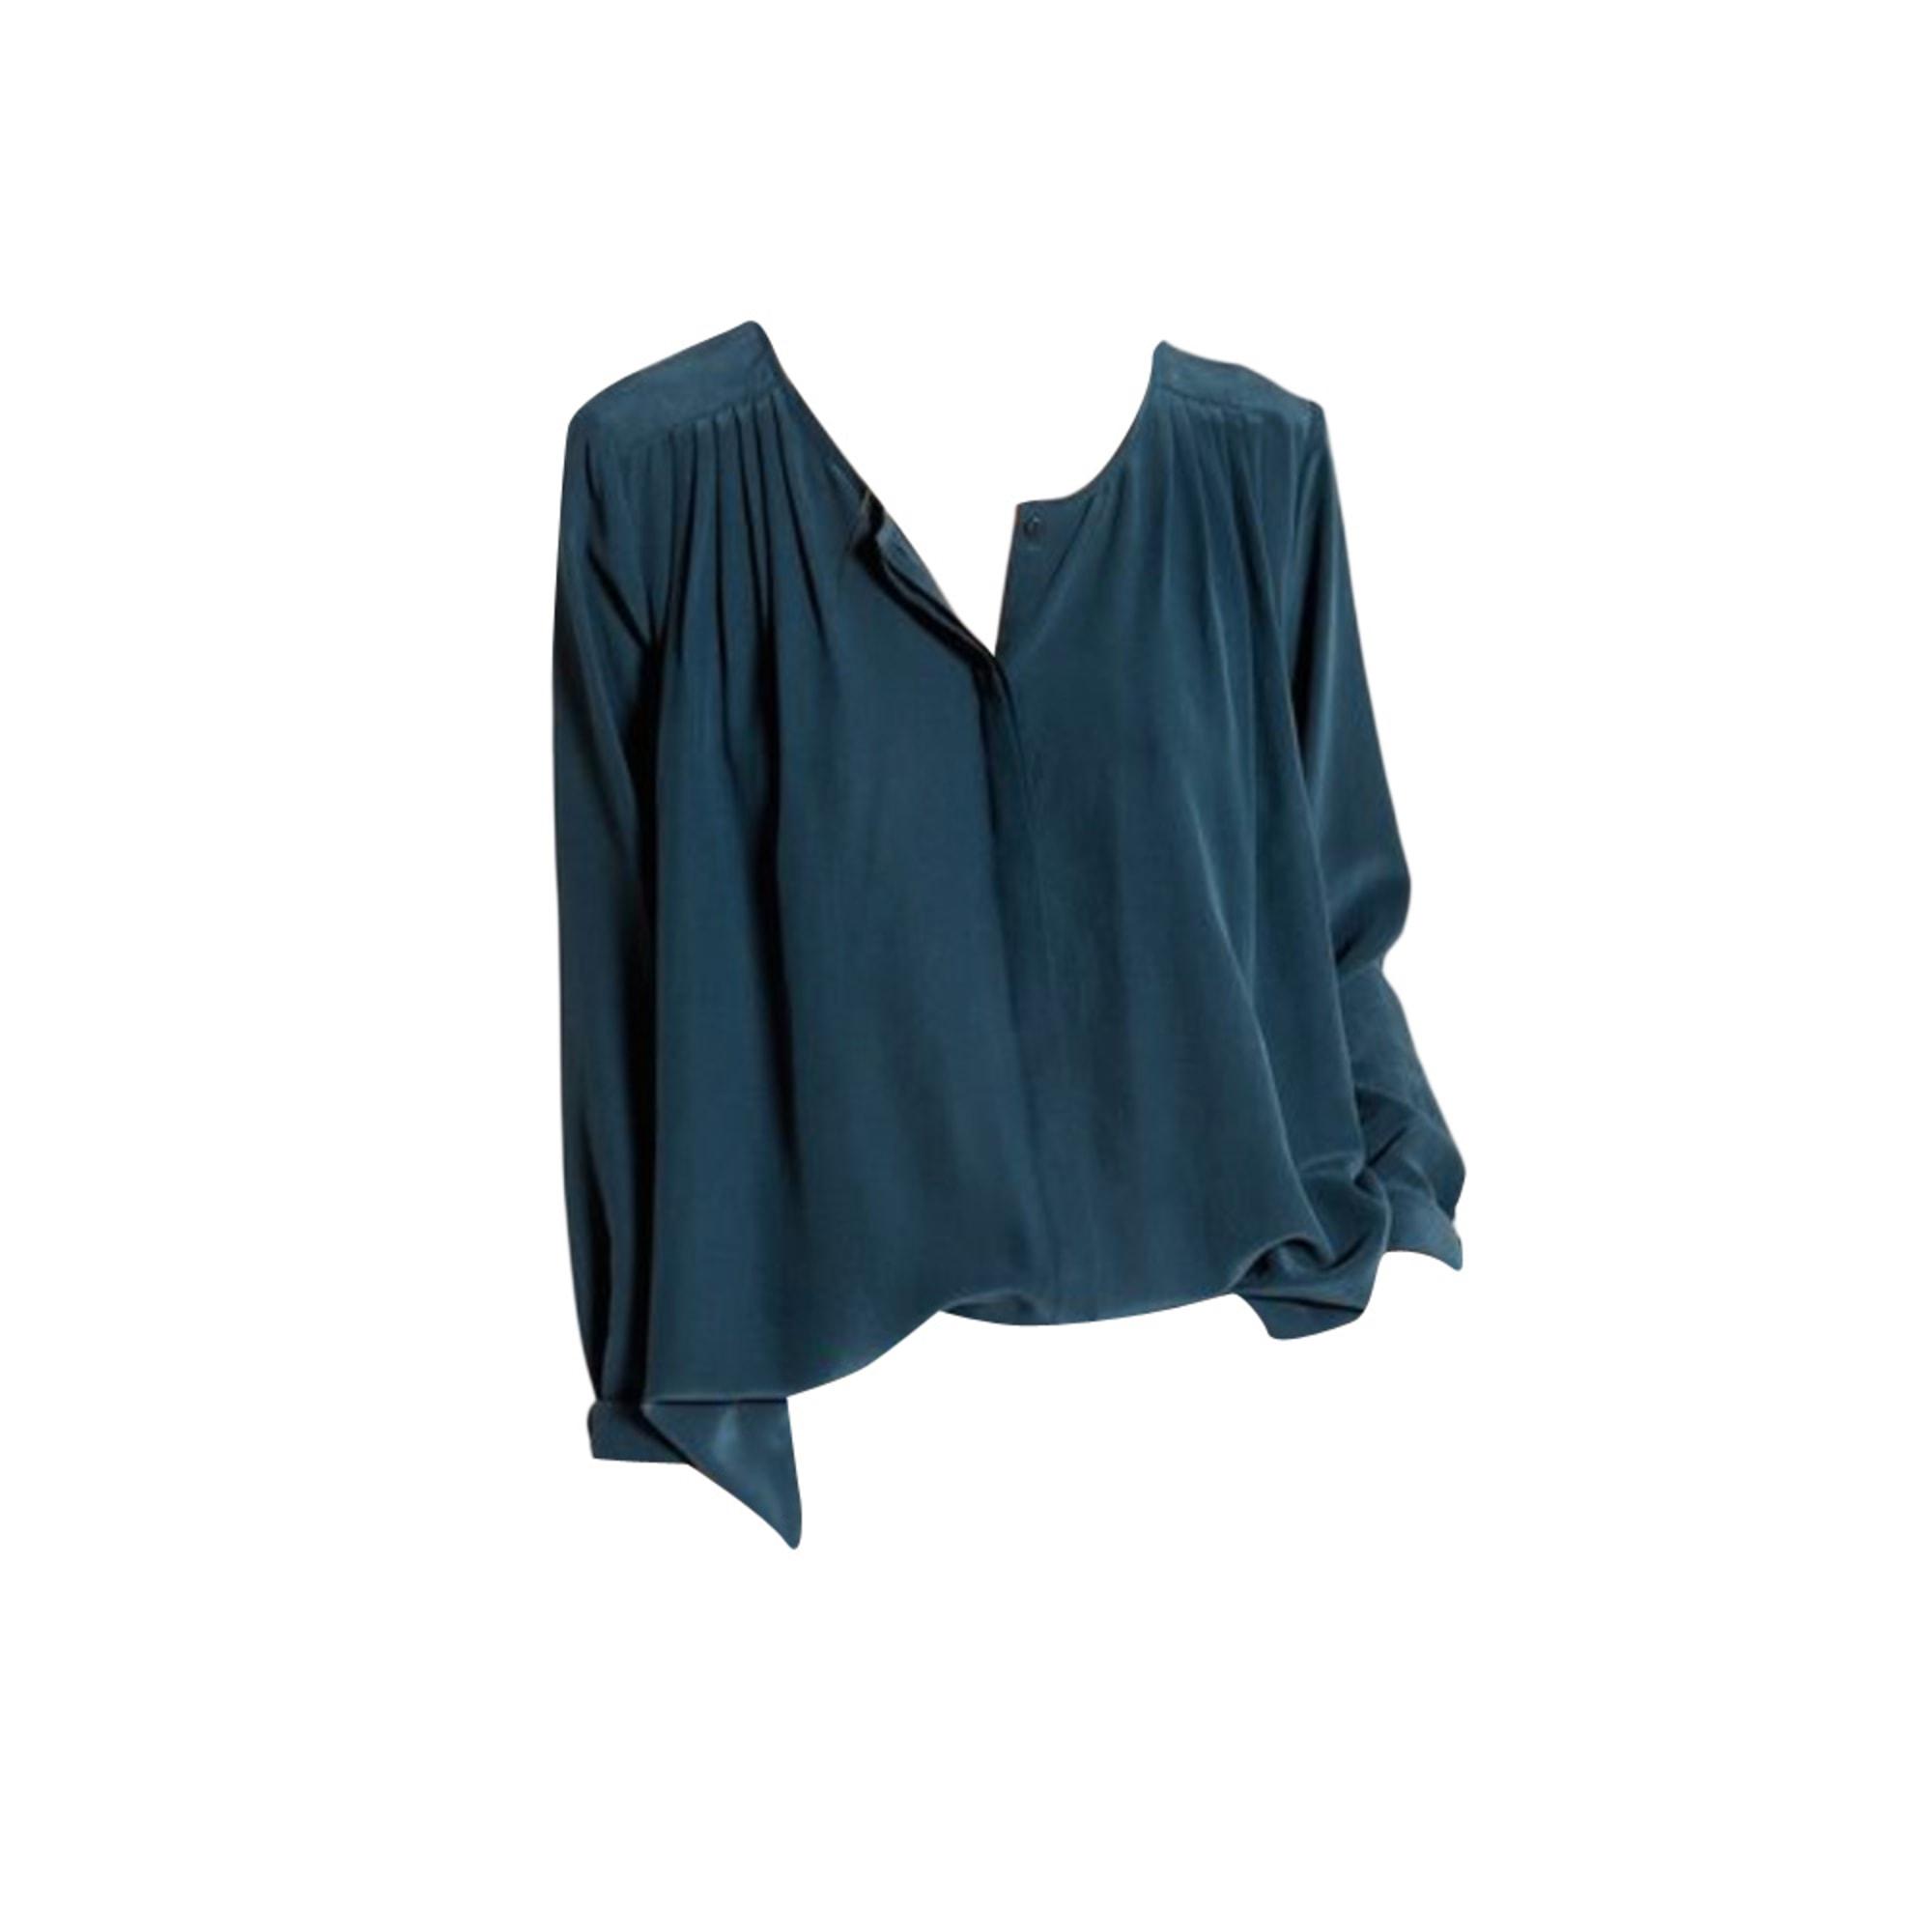 Blouse DES PETITS HAUTS Blue, navy, turquoise